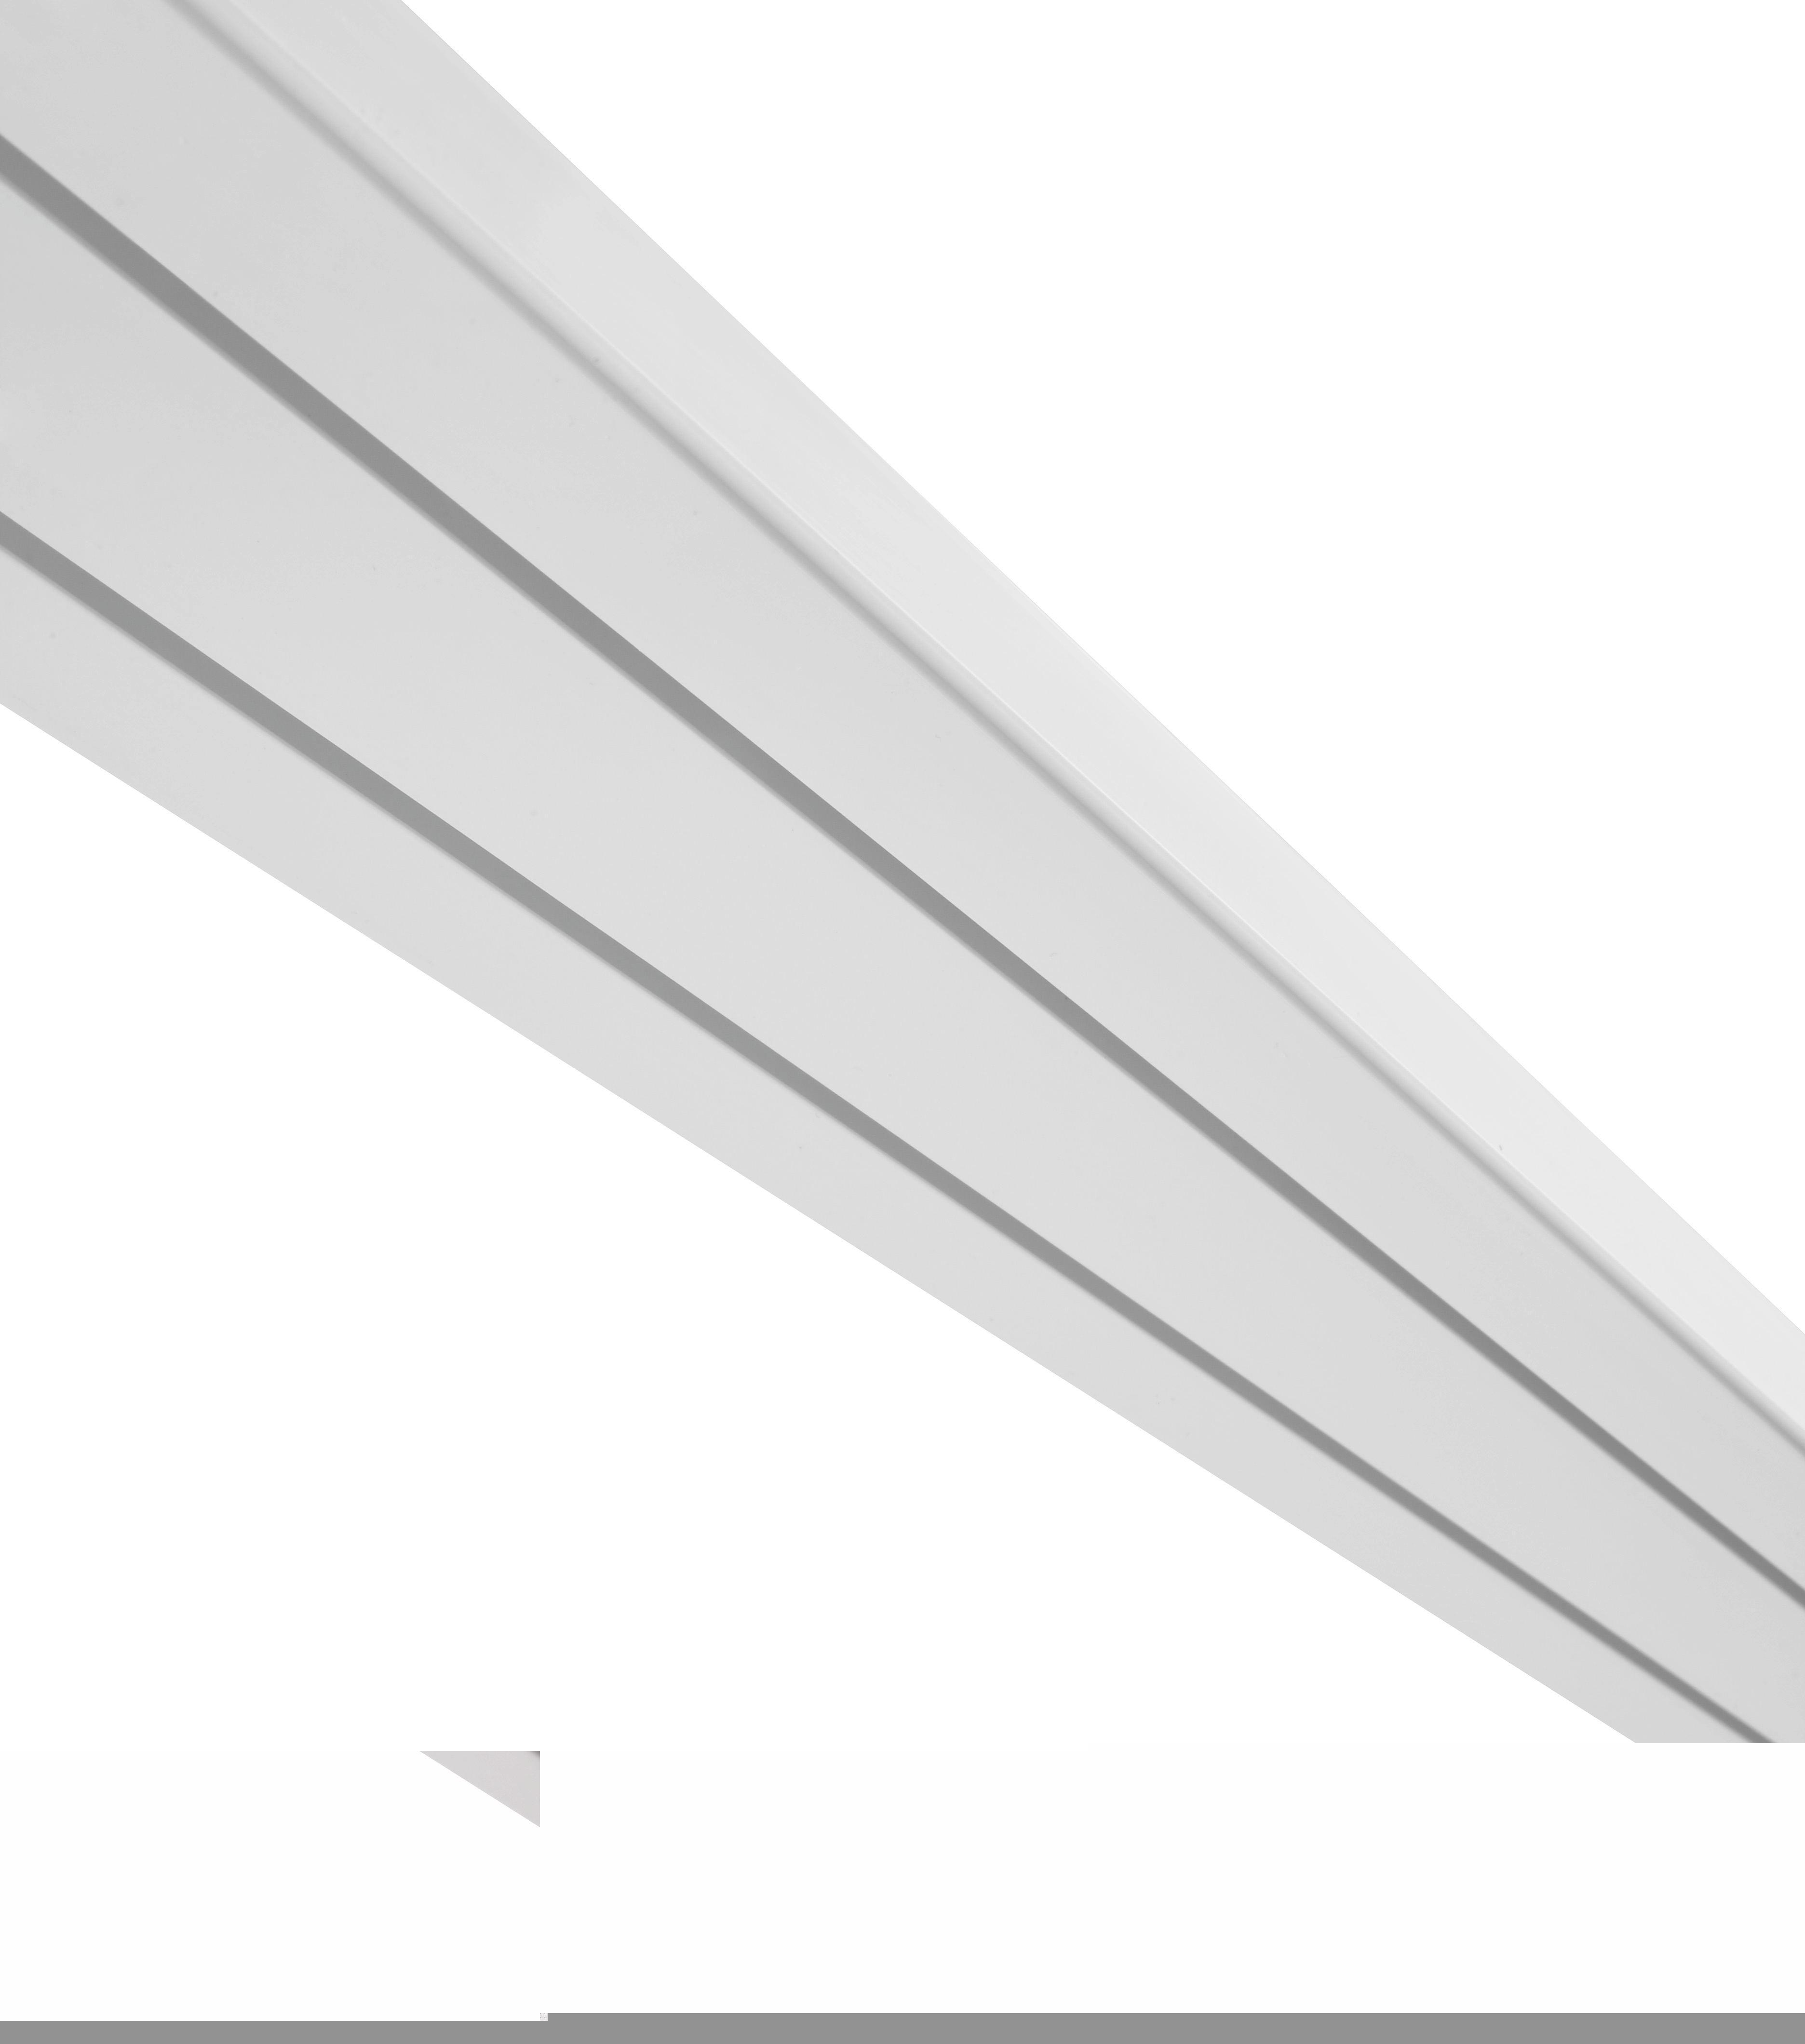 Vorhangschiene Amelia in Weiß, ca. 180cm - Weiß, Kunststoff (180/7.8/1.7cm) - MÖMAX modern living